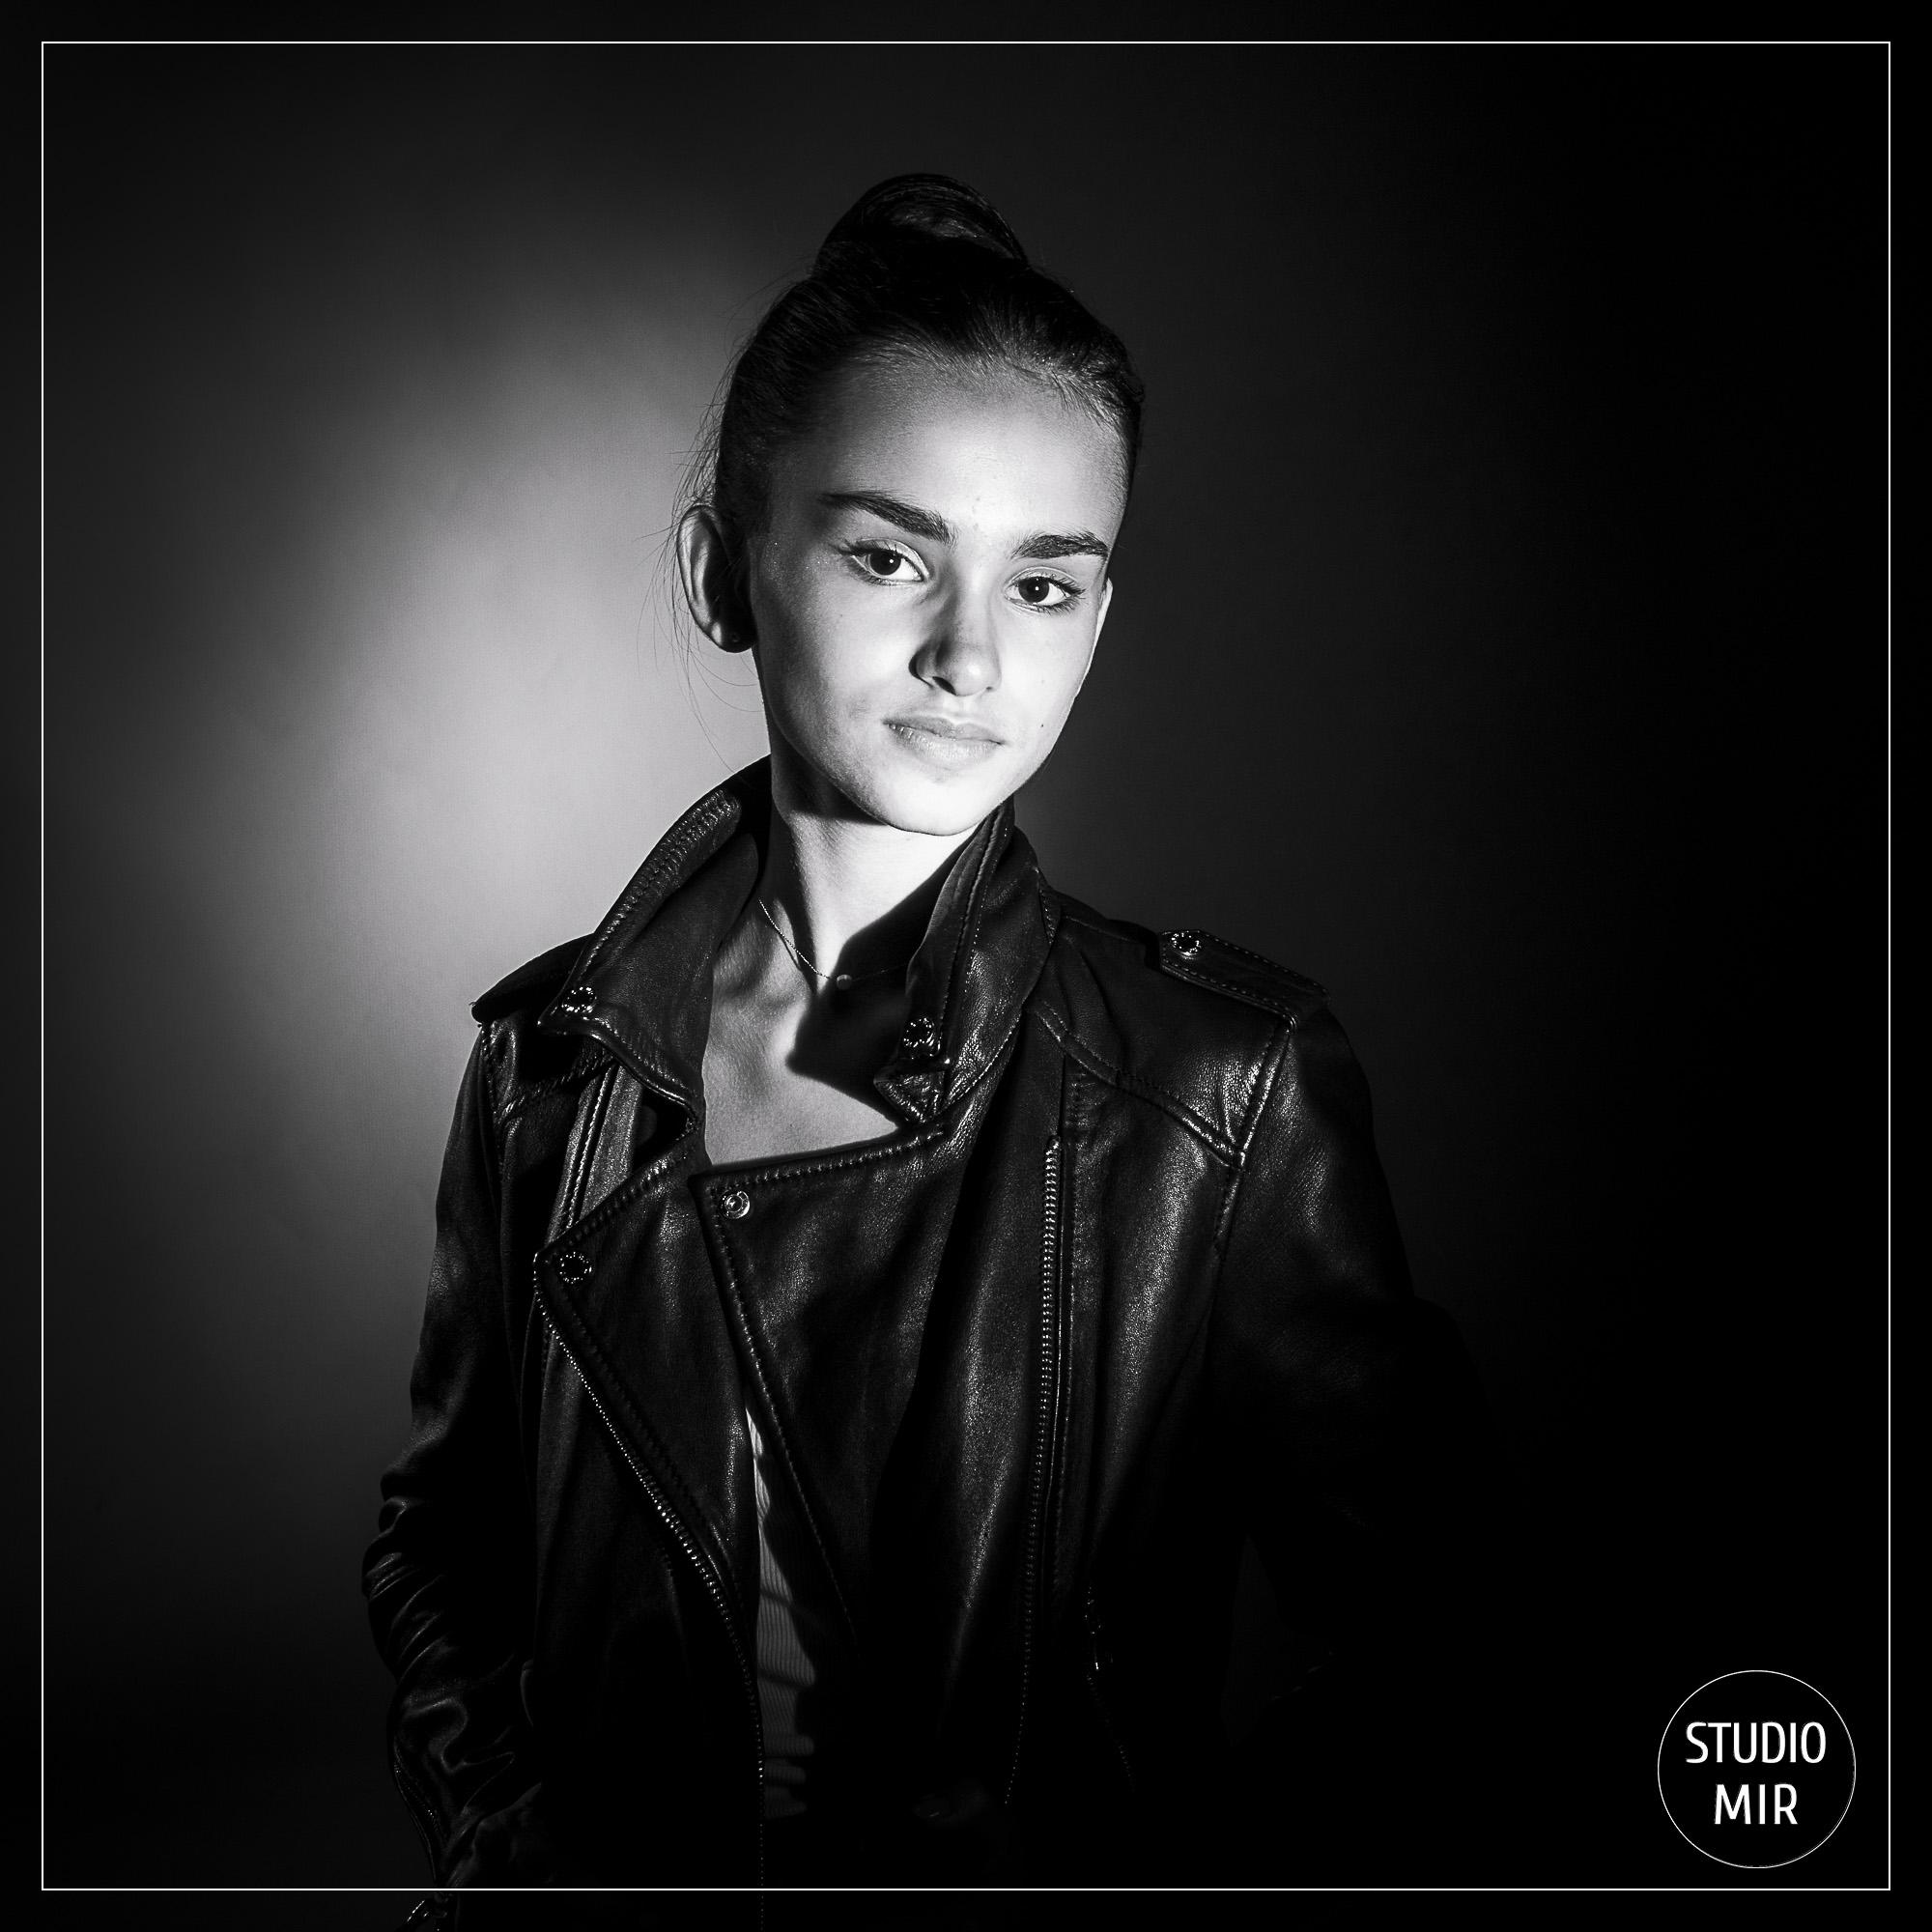 Idée cadeau Noel pour une ado : Un shooting photo en studio en région parisienne